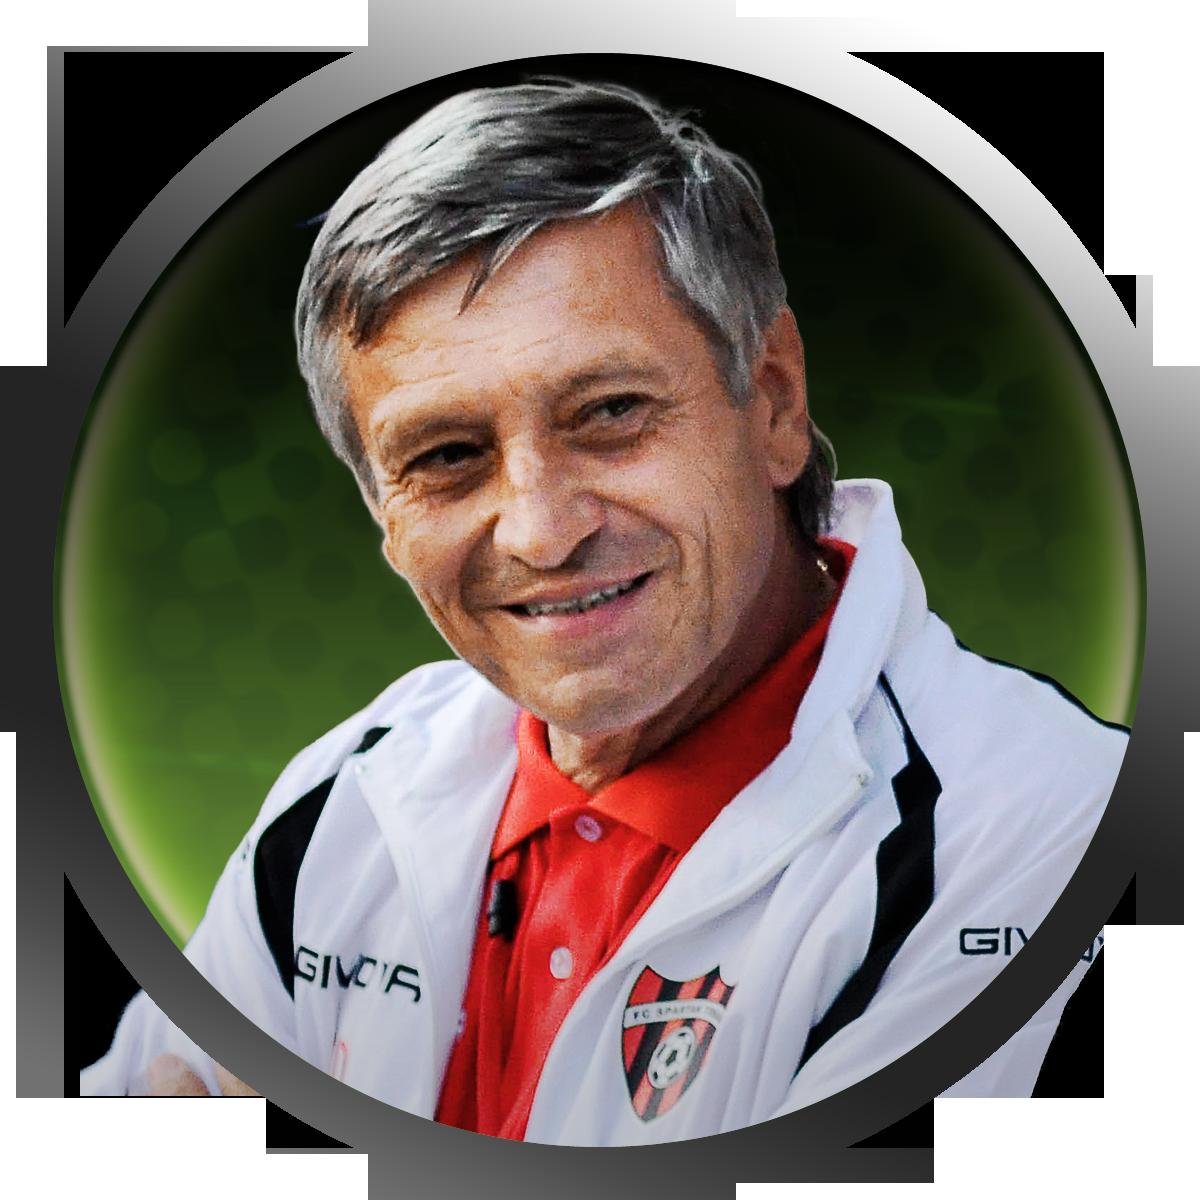 Pocta trénerovi - Dušan Radolský